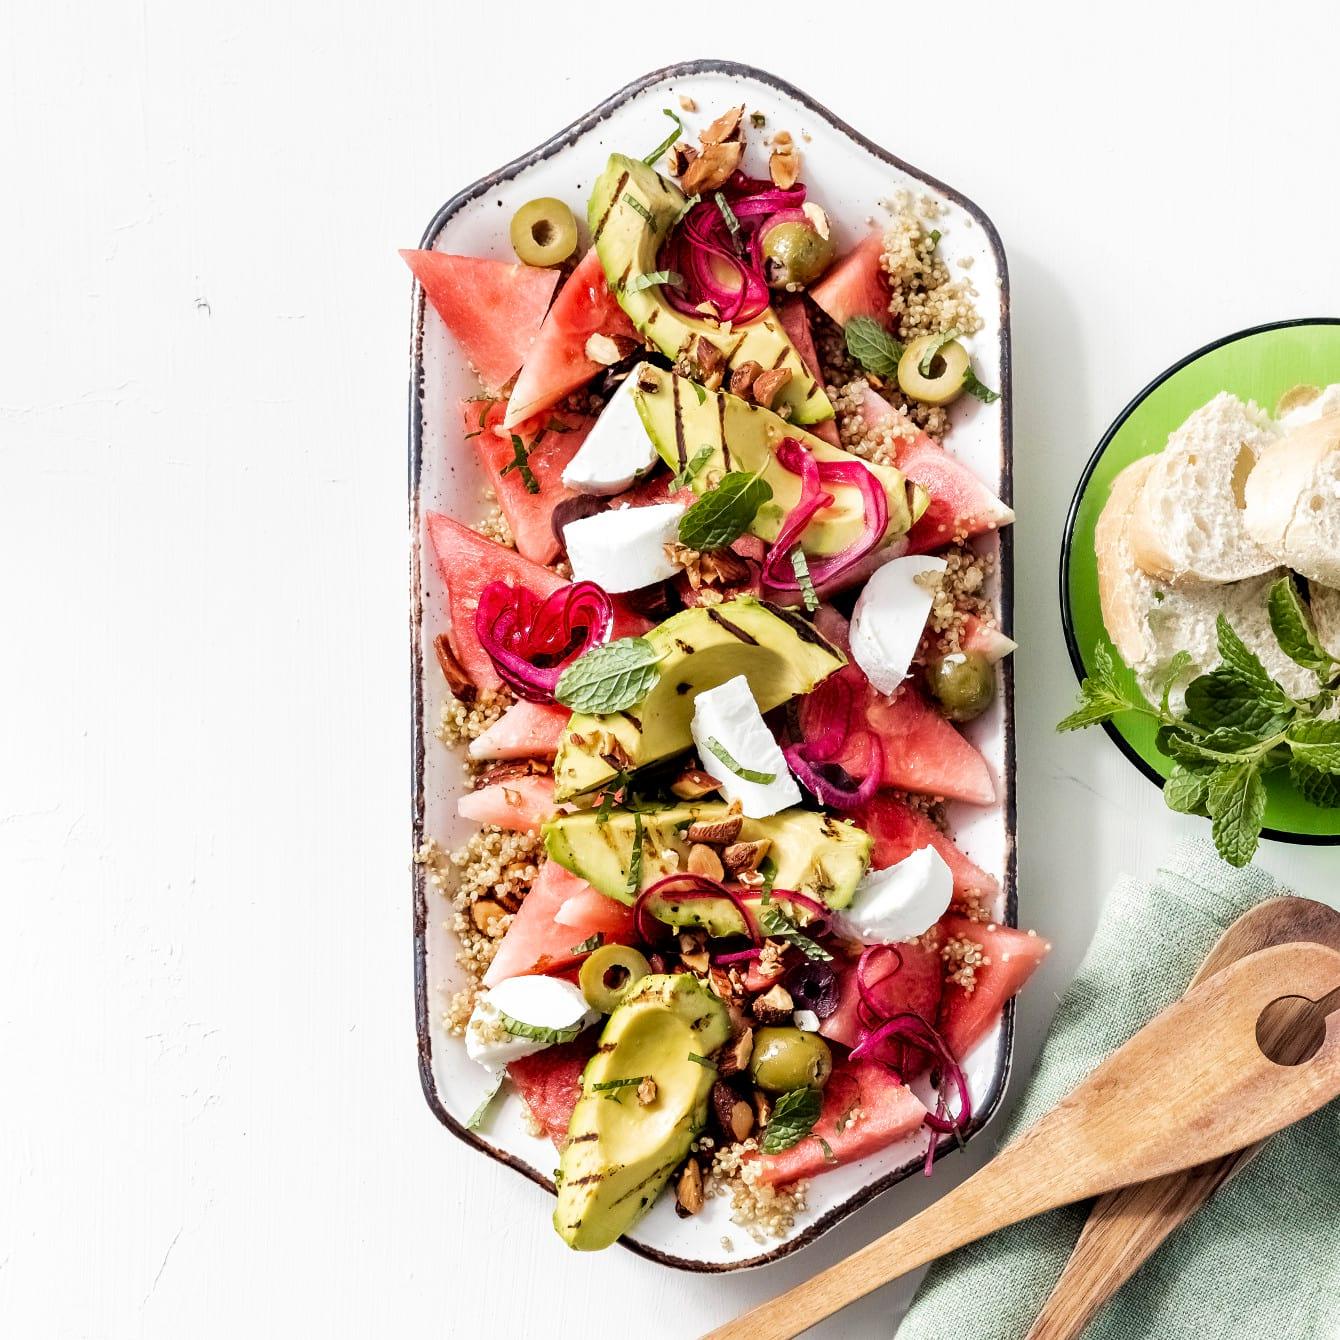 Quinoasalade met gegrilde avocado's, watermeloen en geitenkaas